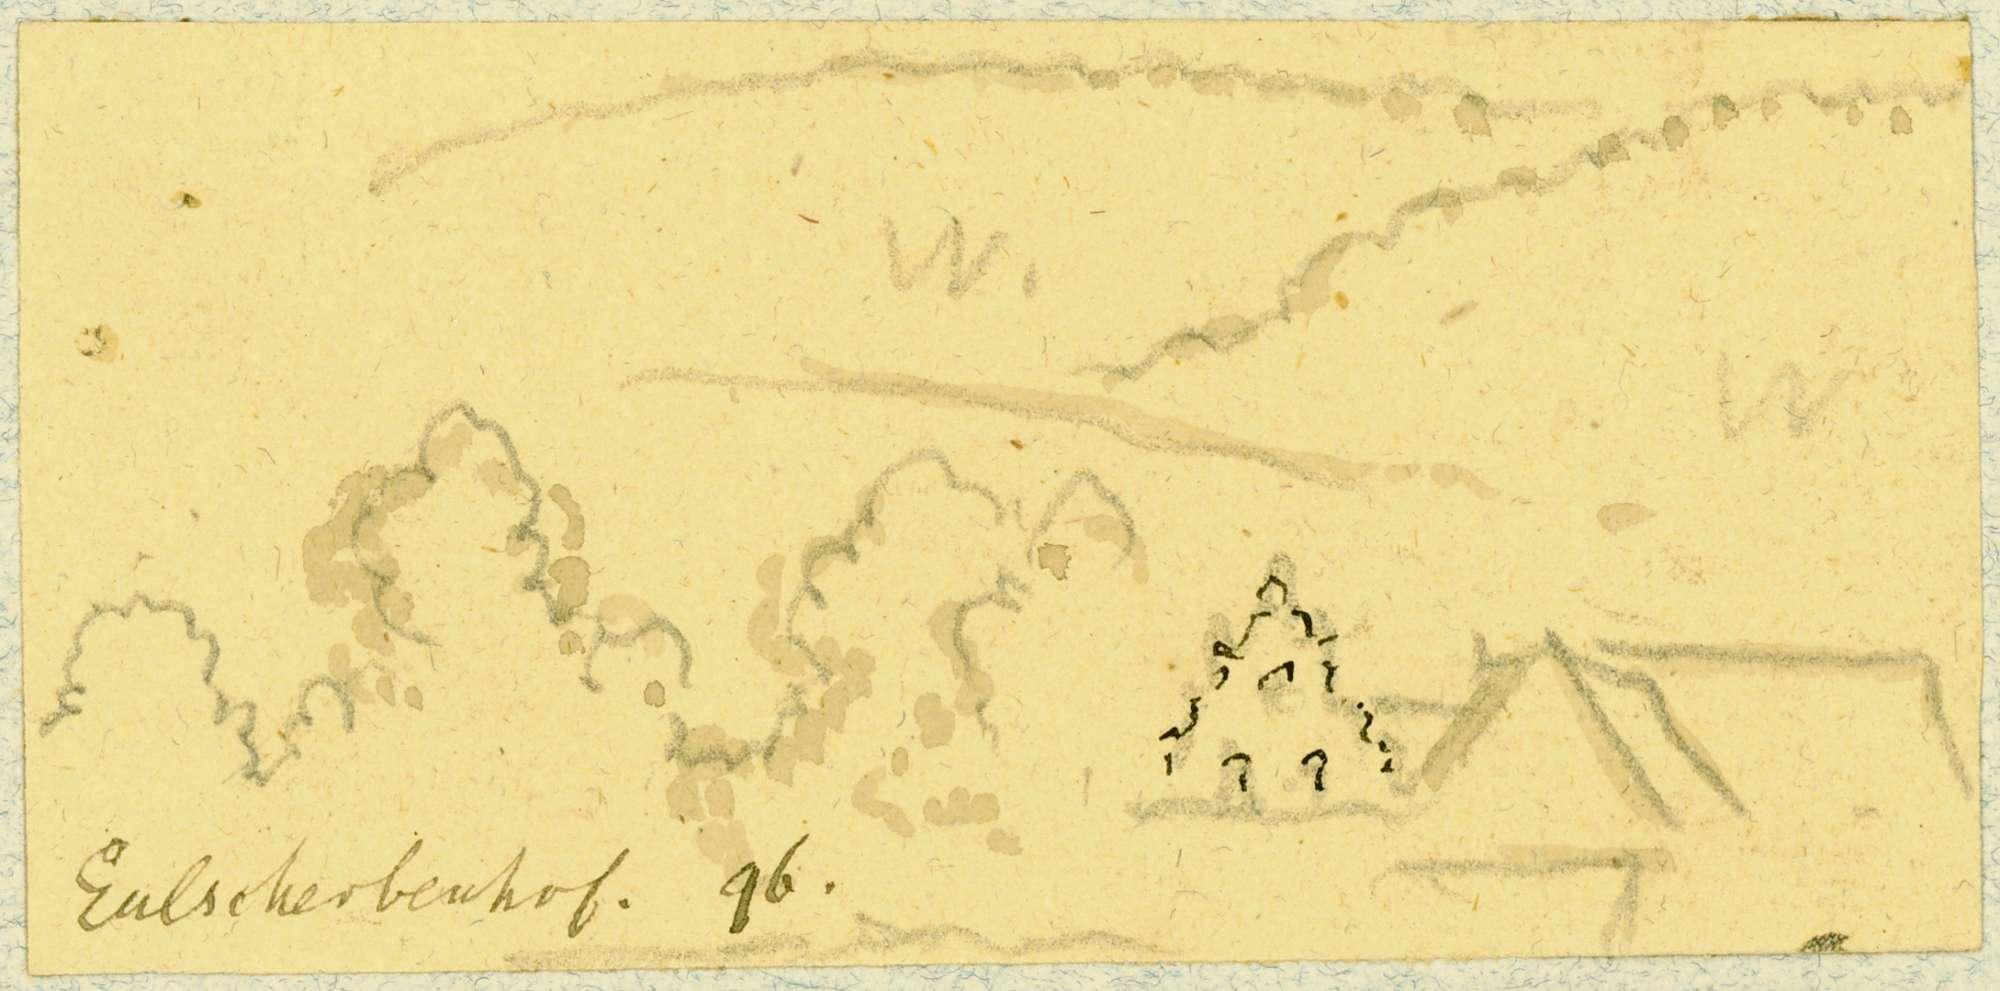 Gamburg Landschaft mit Eulschirbenmühle, Bild 1